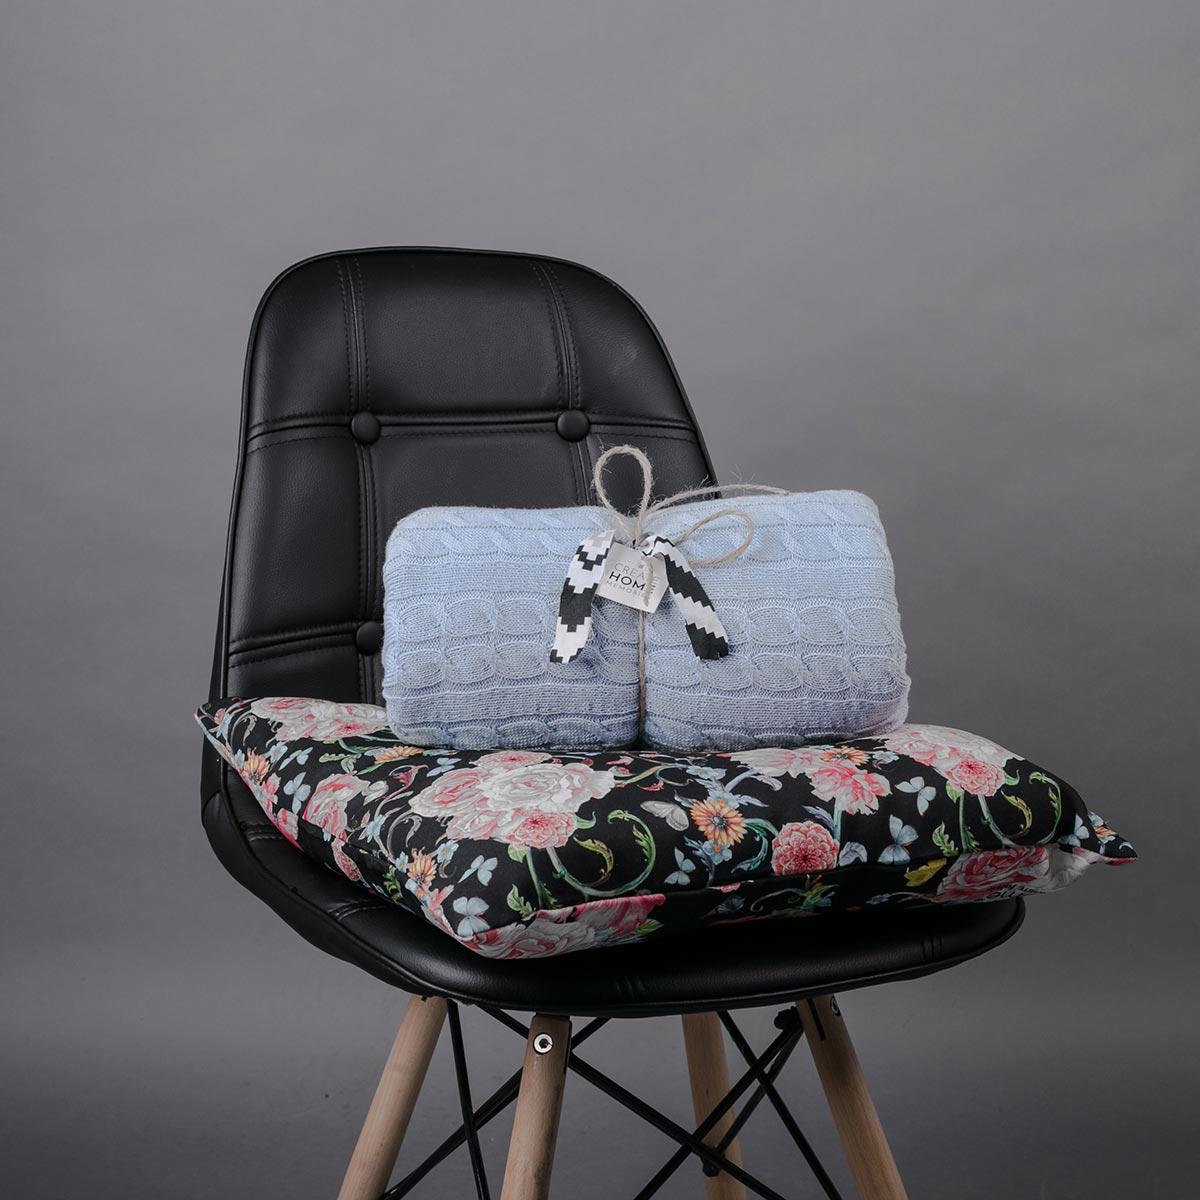 Κουβέρτα Καναπέ Πλεκτή White Fabric Old Navy Light Blue